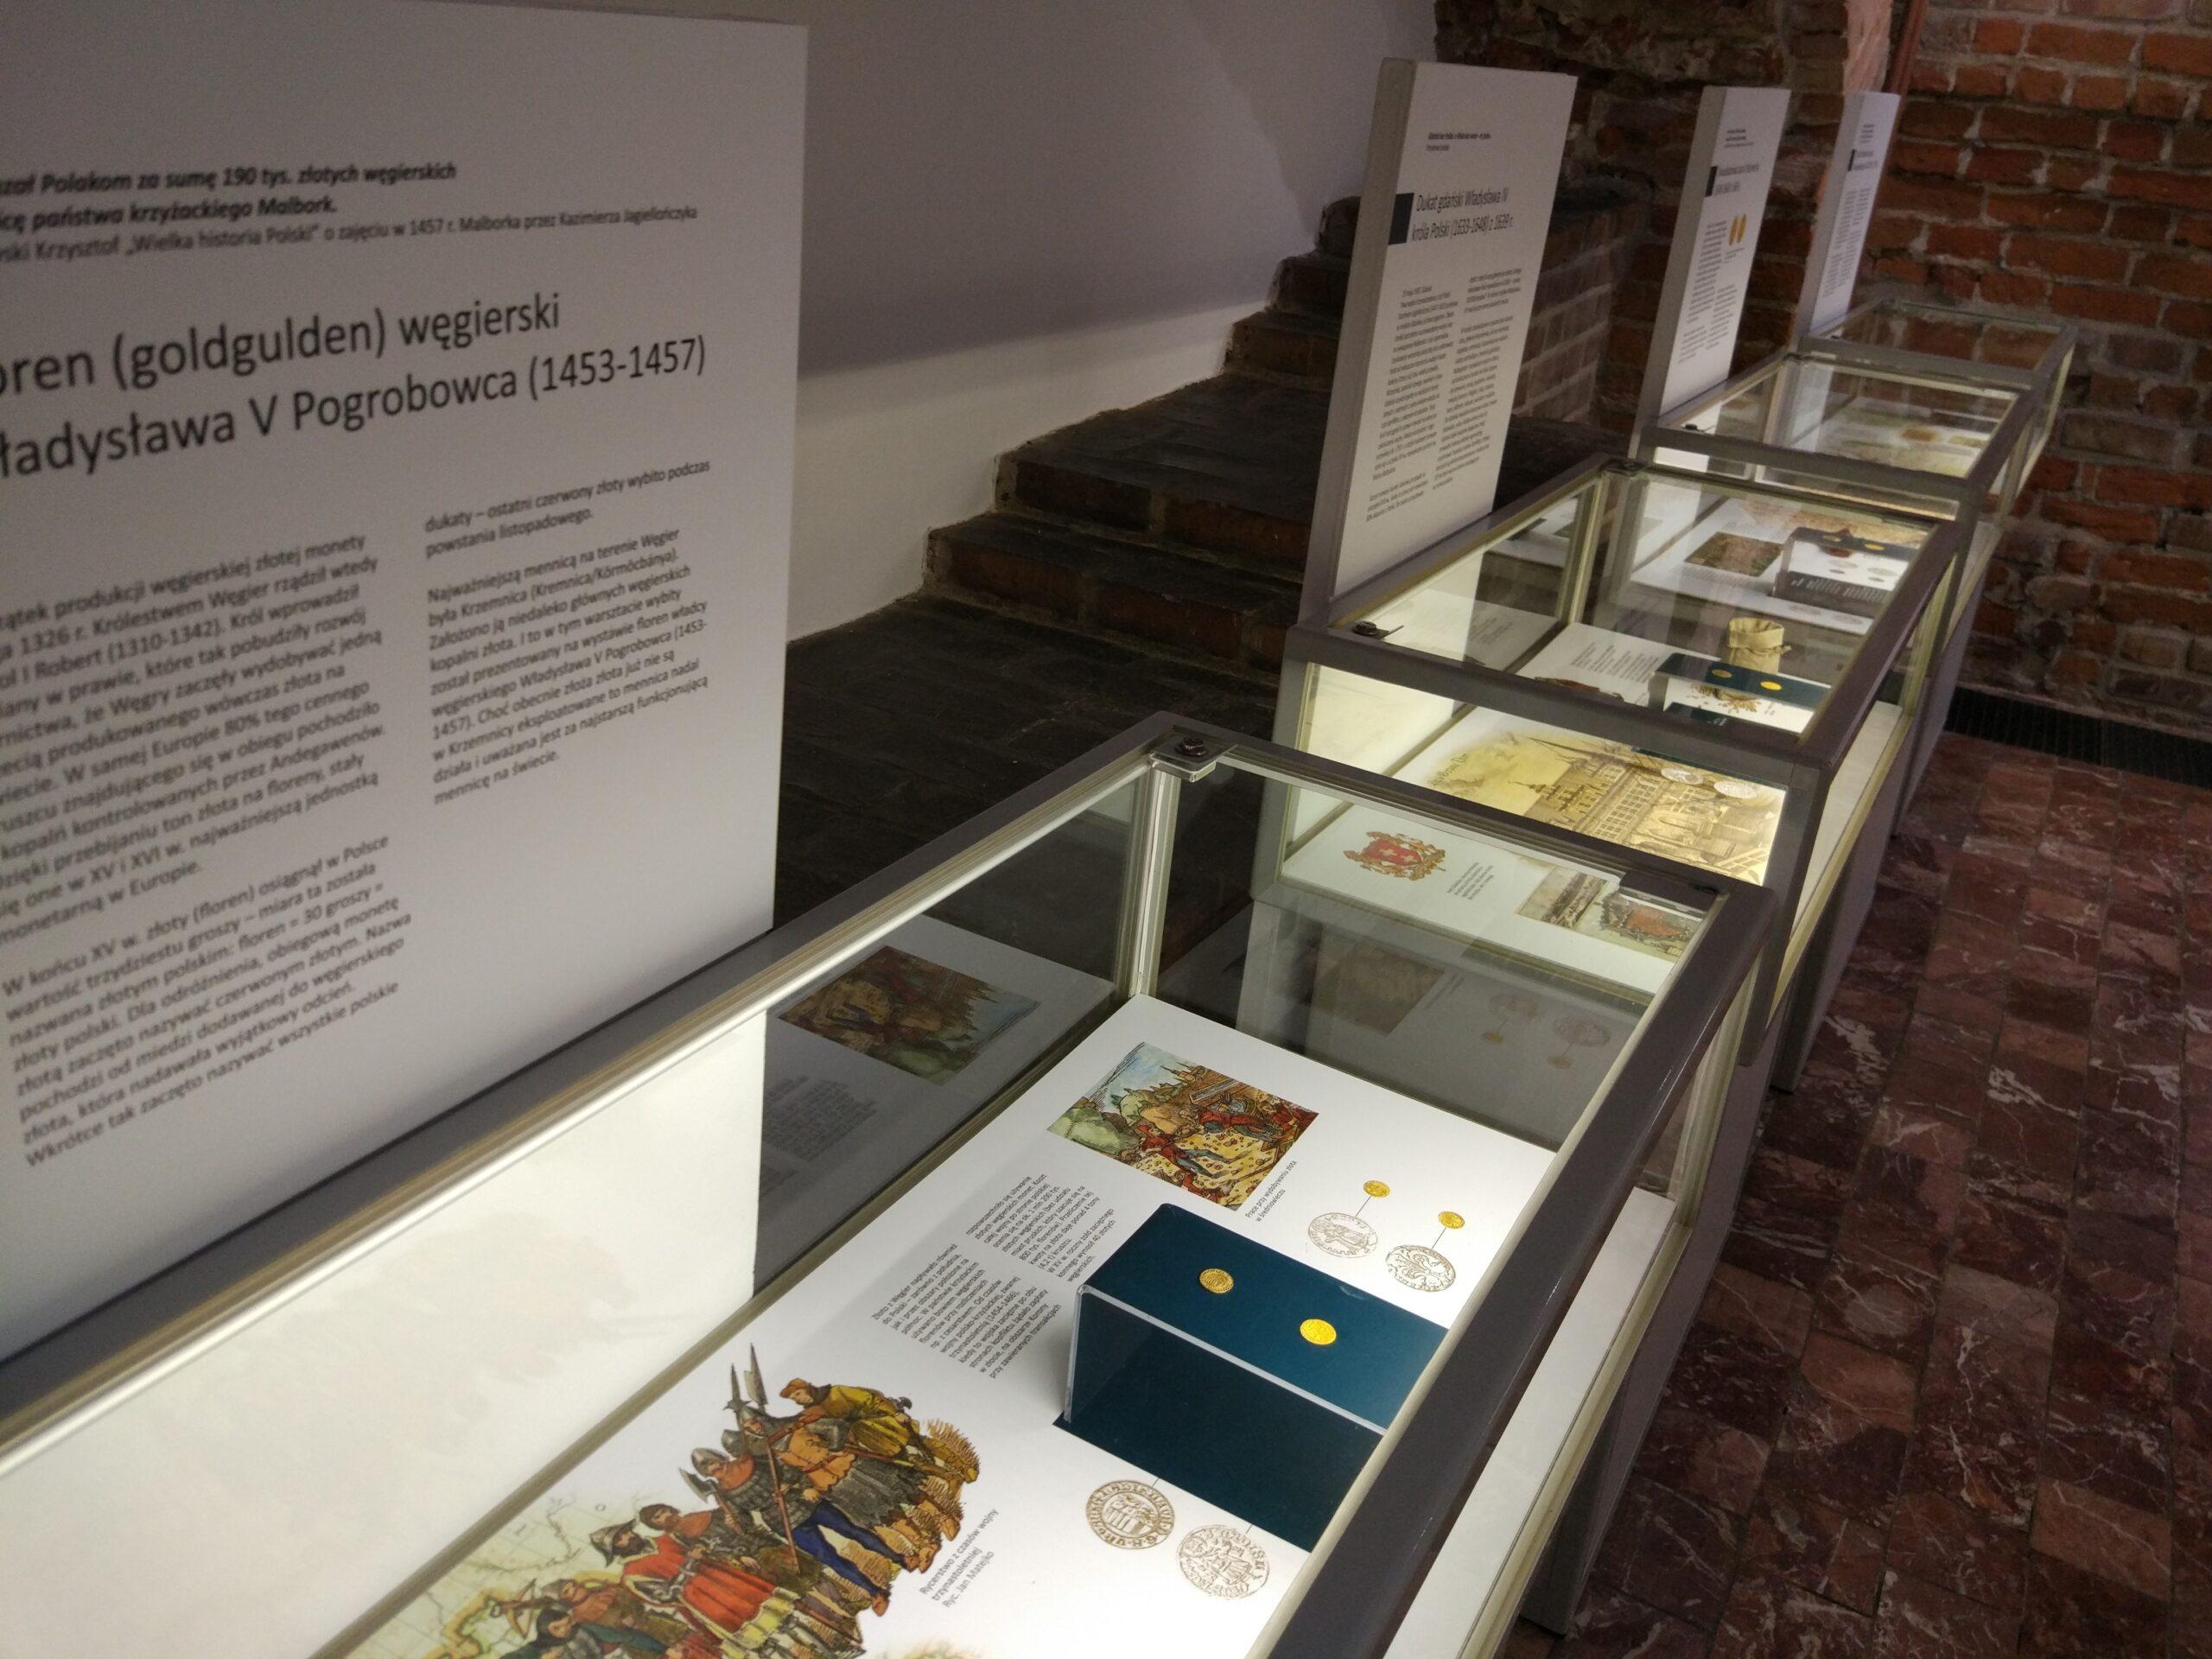 Kiedy płacono złotem  – wystawa monet złotych ze zbiorów Muzeum Okręgowego w Koninie.